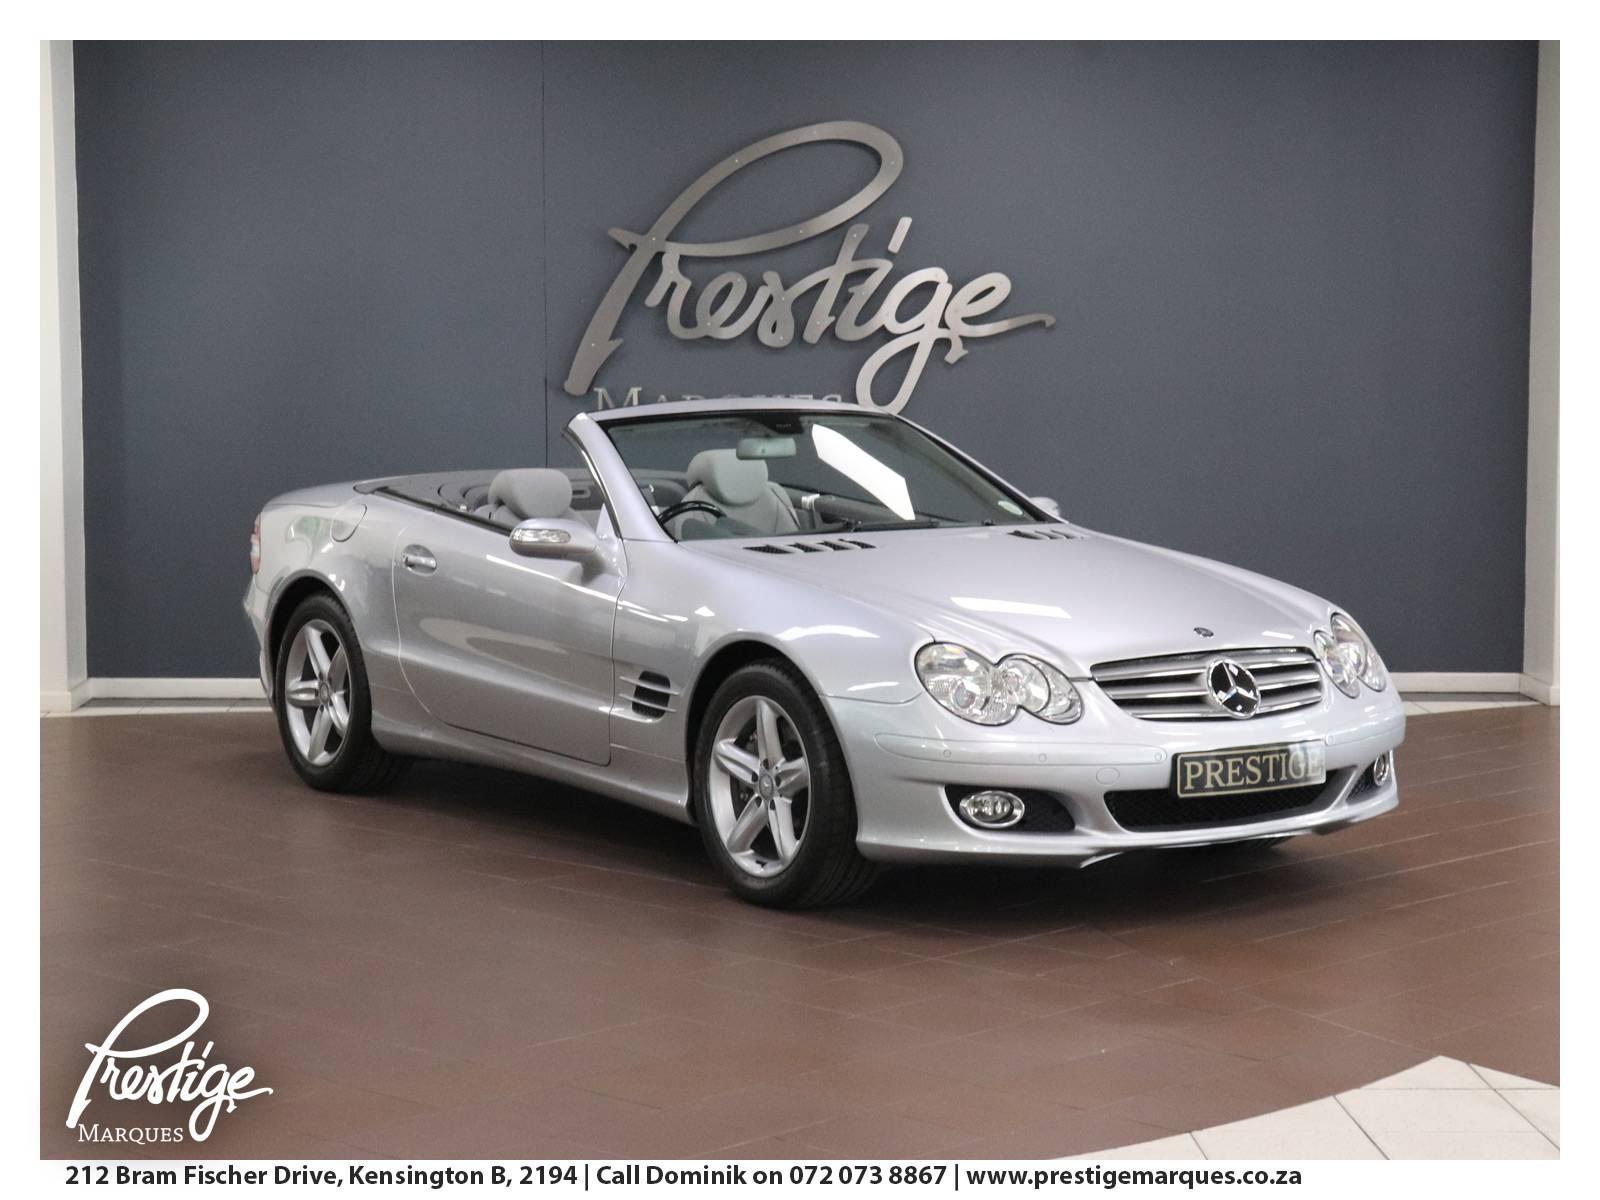 2007-Mercedes-benz-sl500-203-facelift-Prestige-Marques-Randburg-Sandton-2